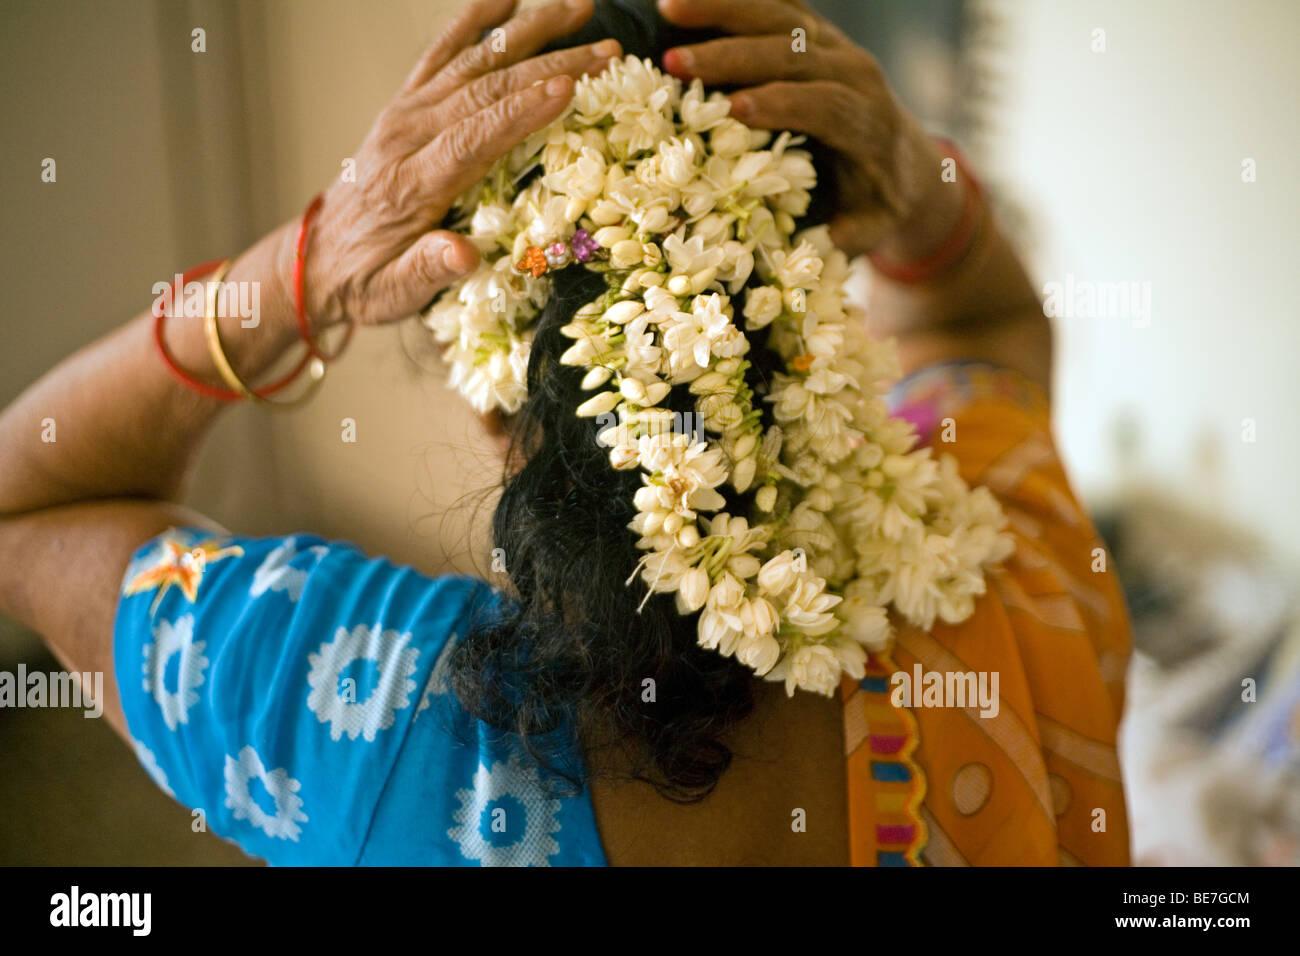 Eine ältere Frau ordnet Blumen im Haar in ihrem Schlafzimmer, Janakpuri, New Delhi, Indien Stockbild